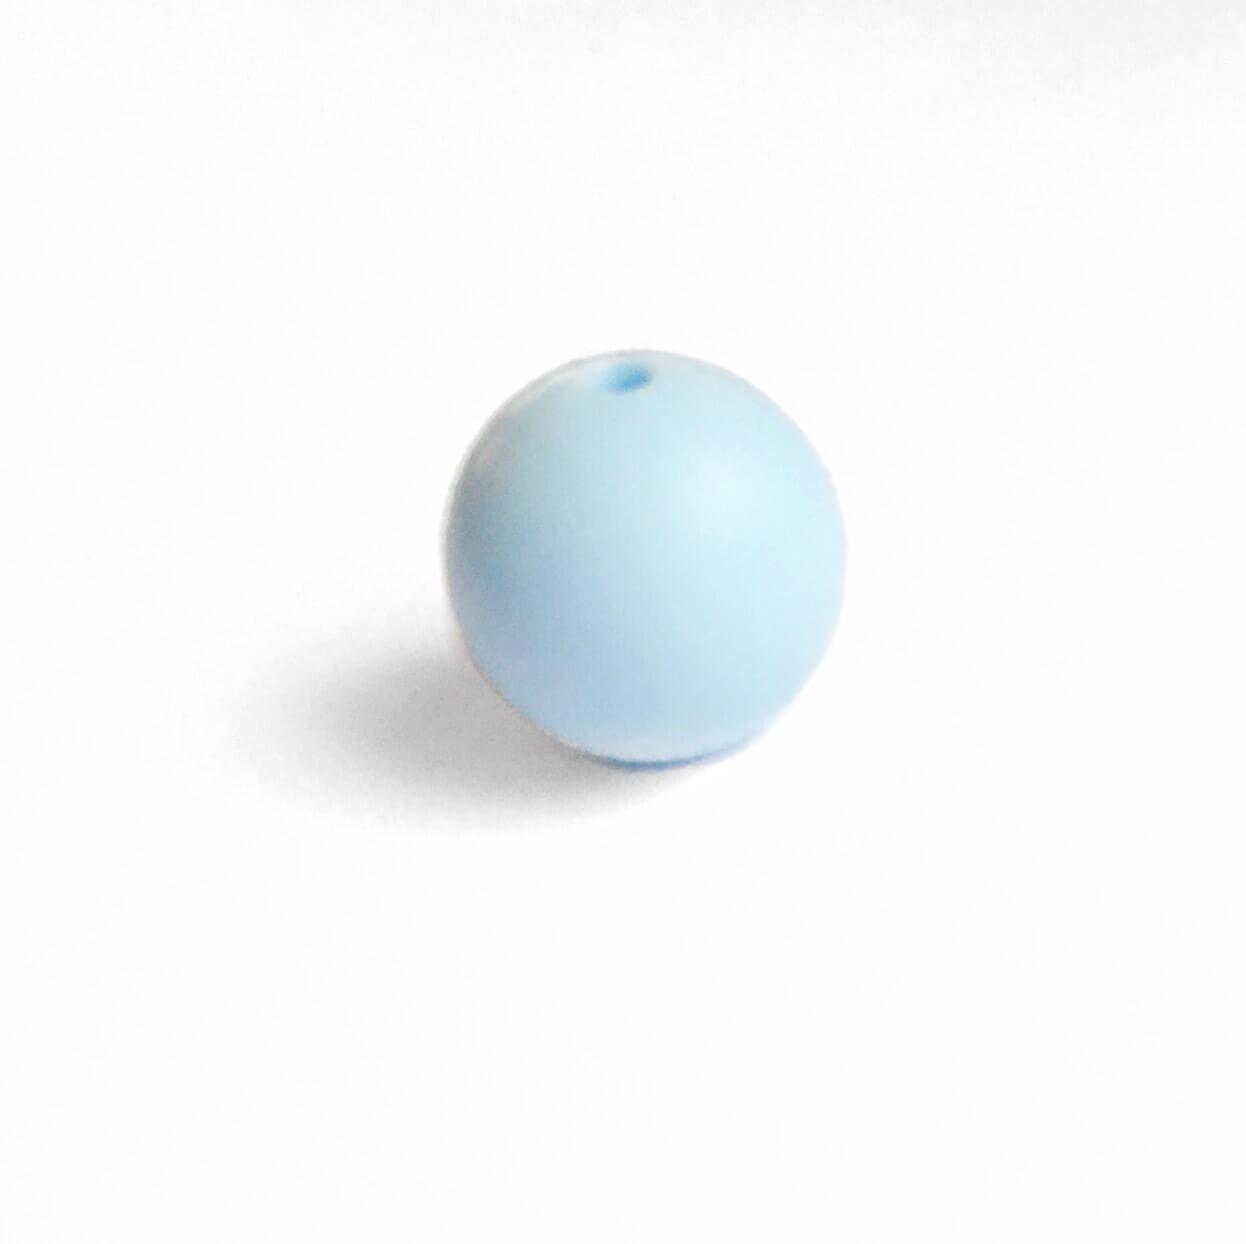 12мм (беби блю) круглая, силиконовая бусина